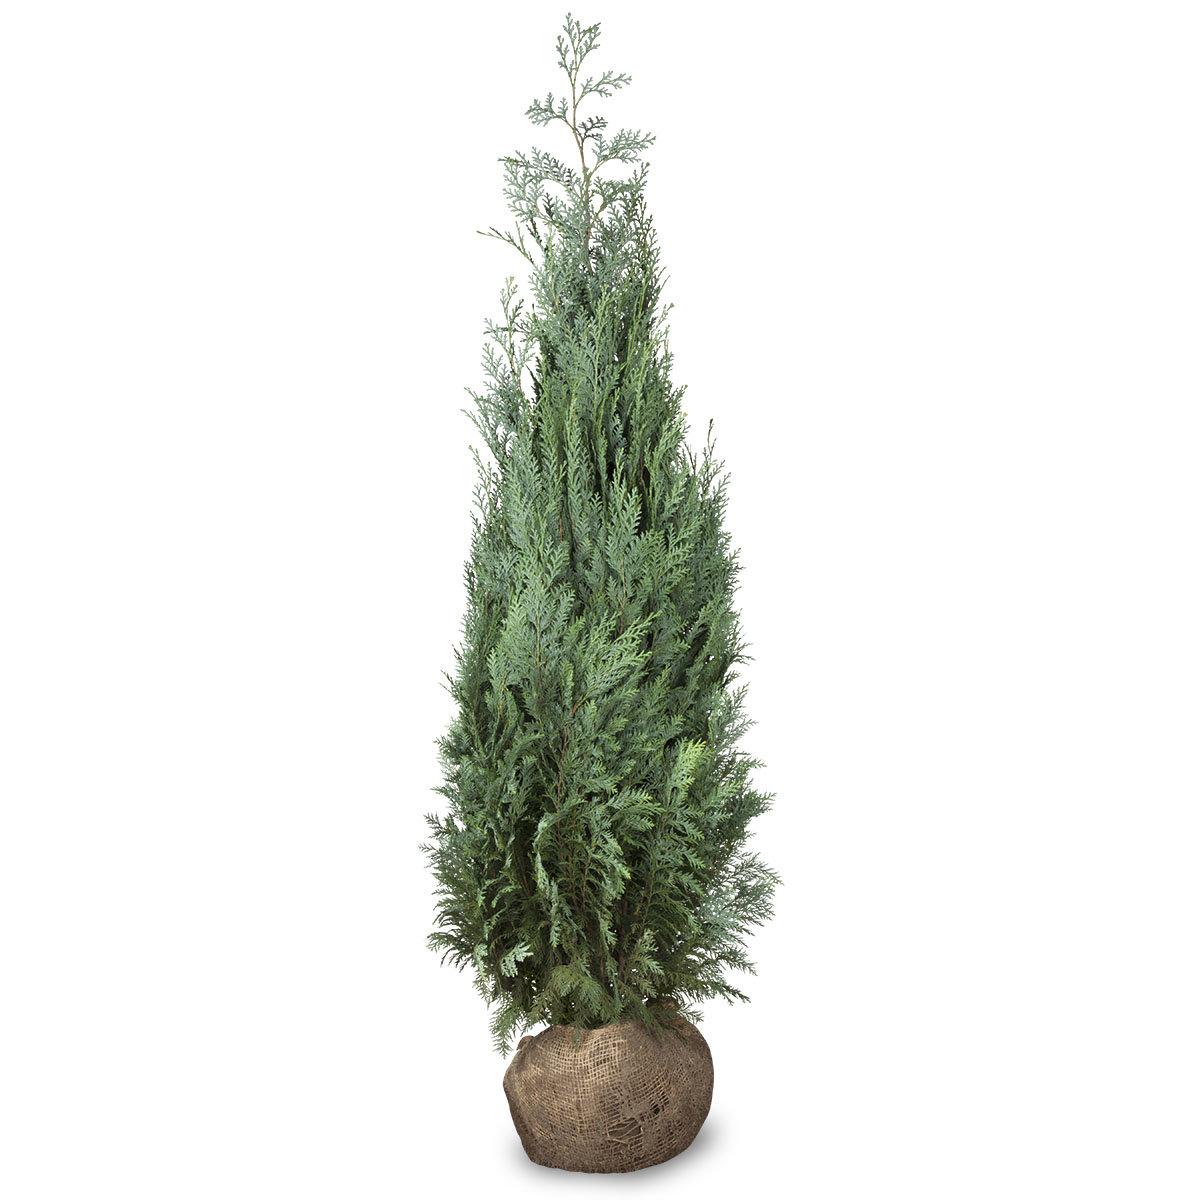 Großgebinde Gartenzypresse 80 - 100 cm, 100 Pflanzen | #2